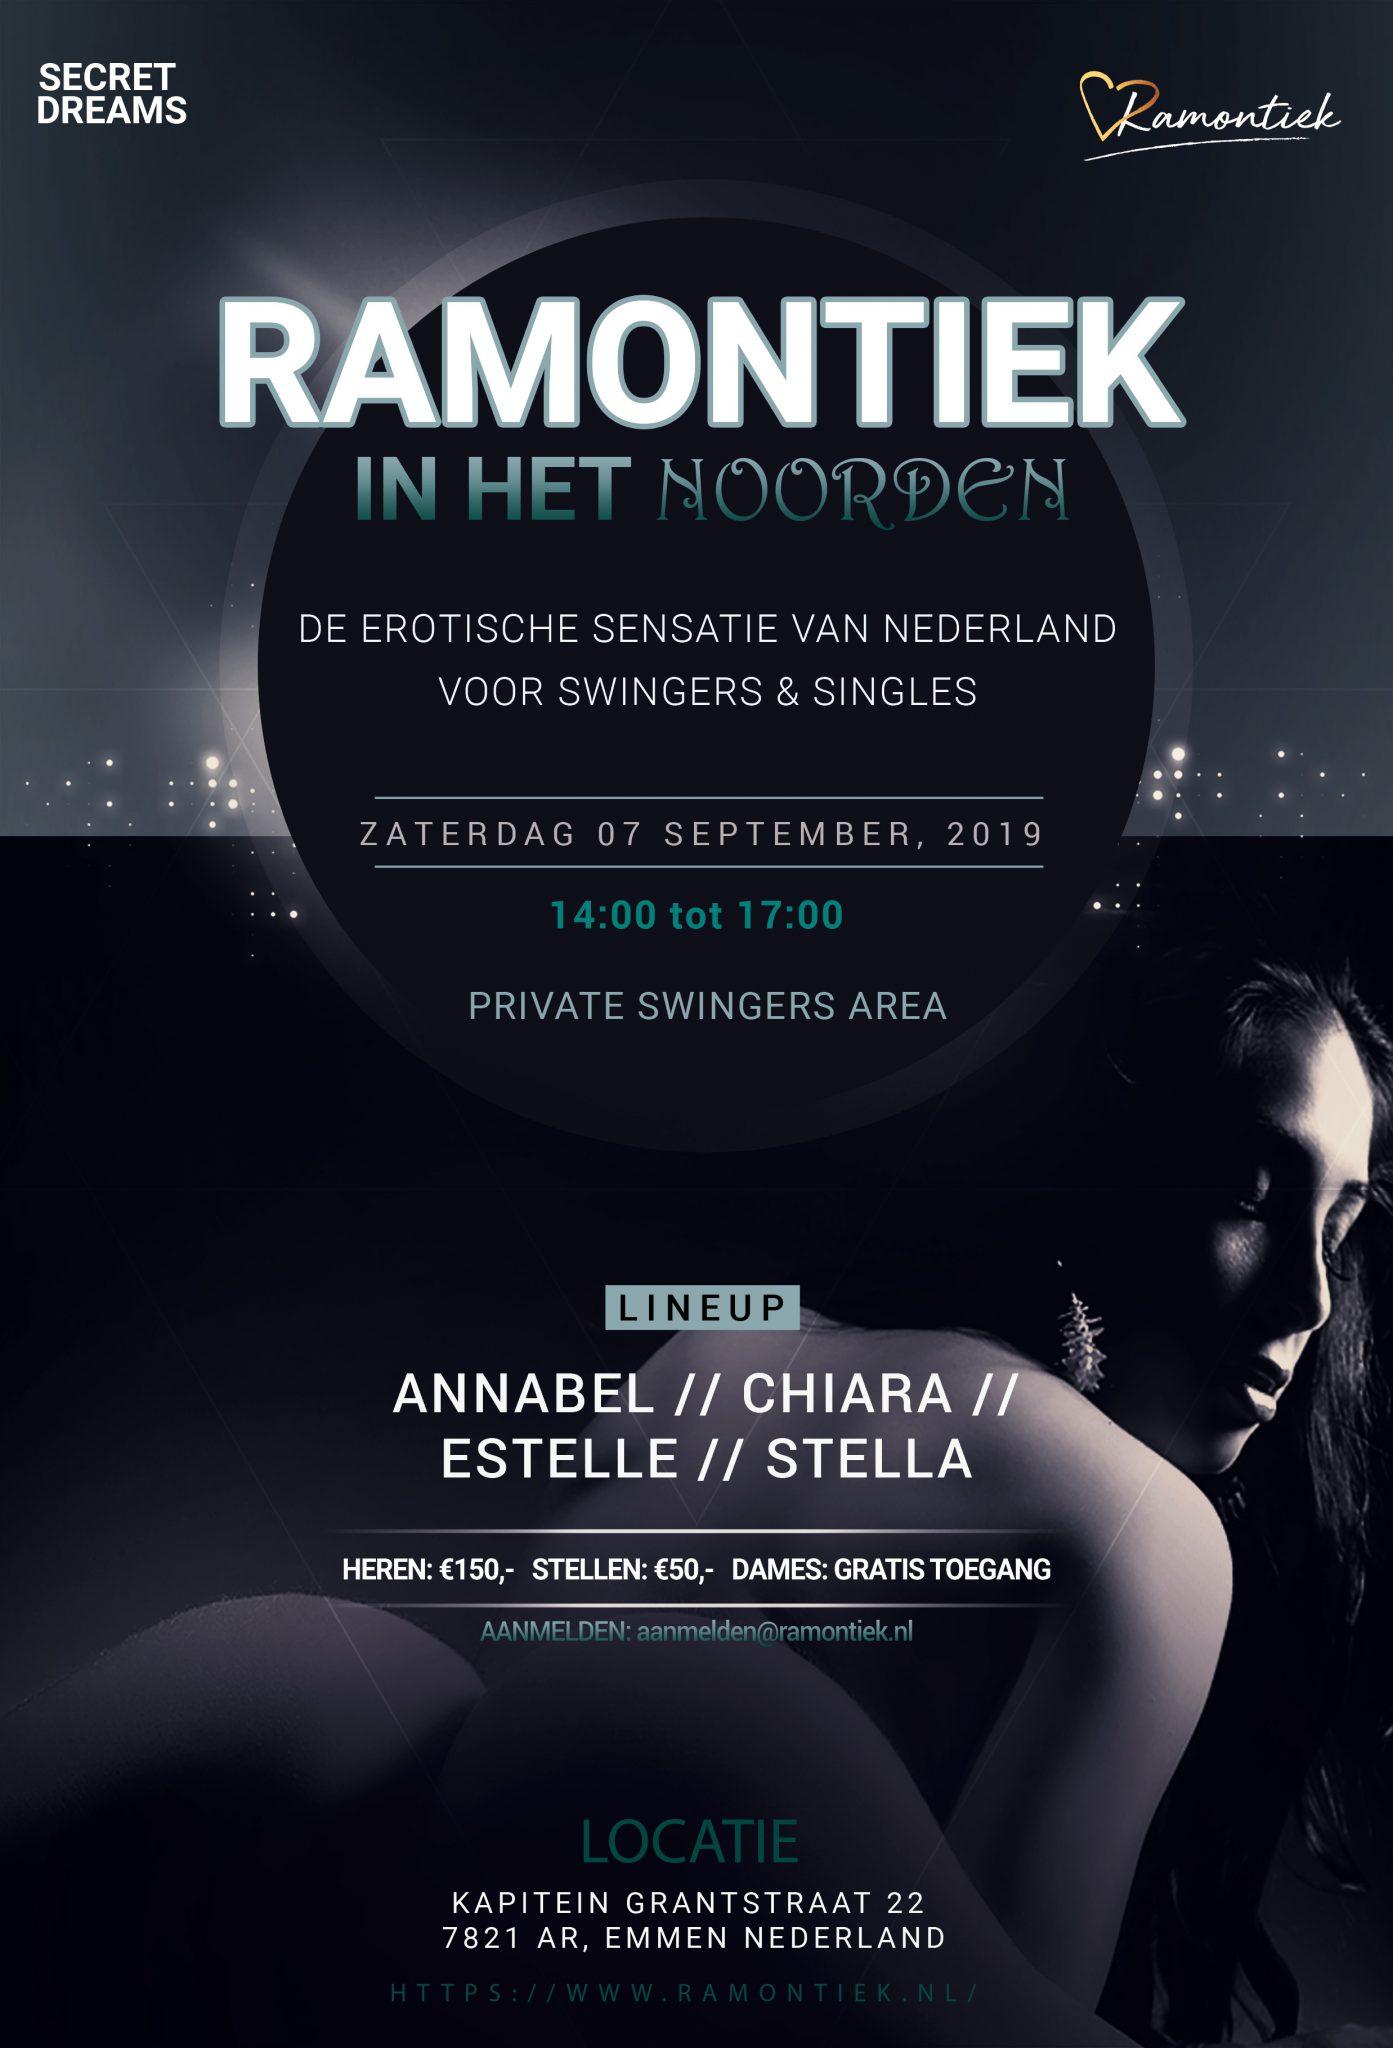 Flyer---Ramontiek-in-het-noorden---official---07-September-2019